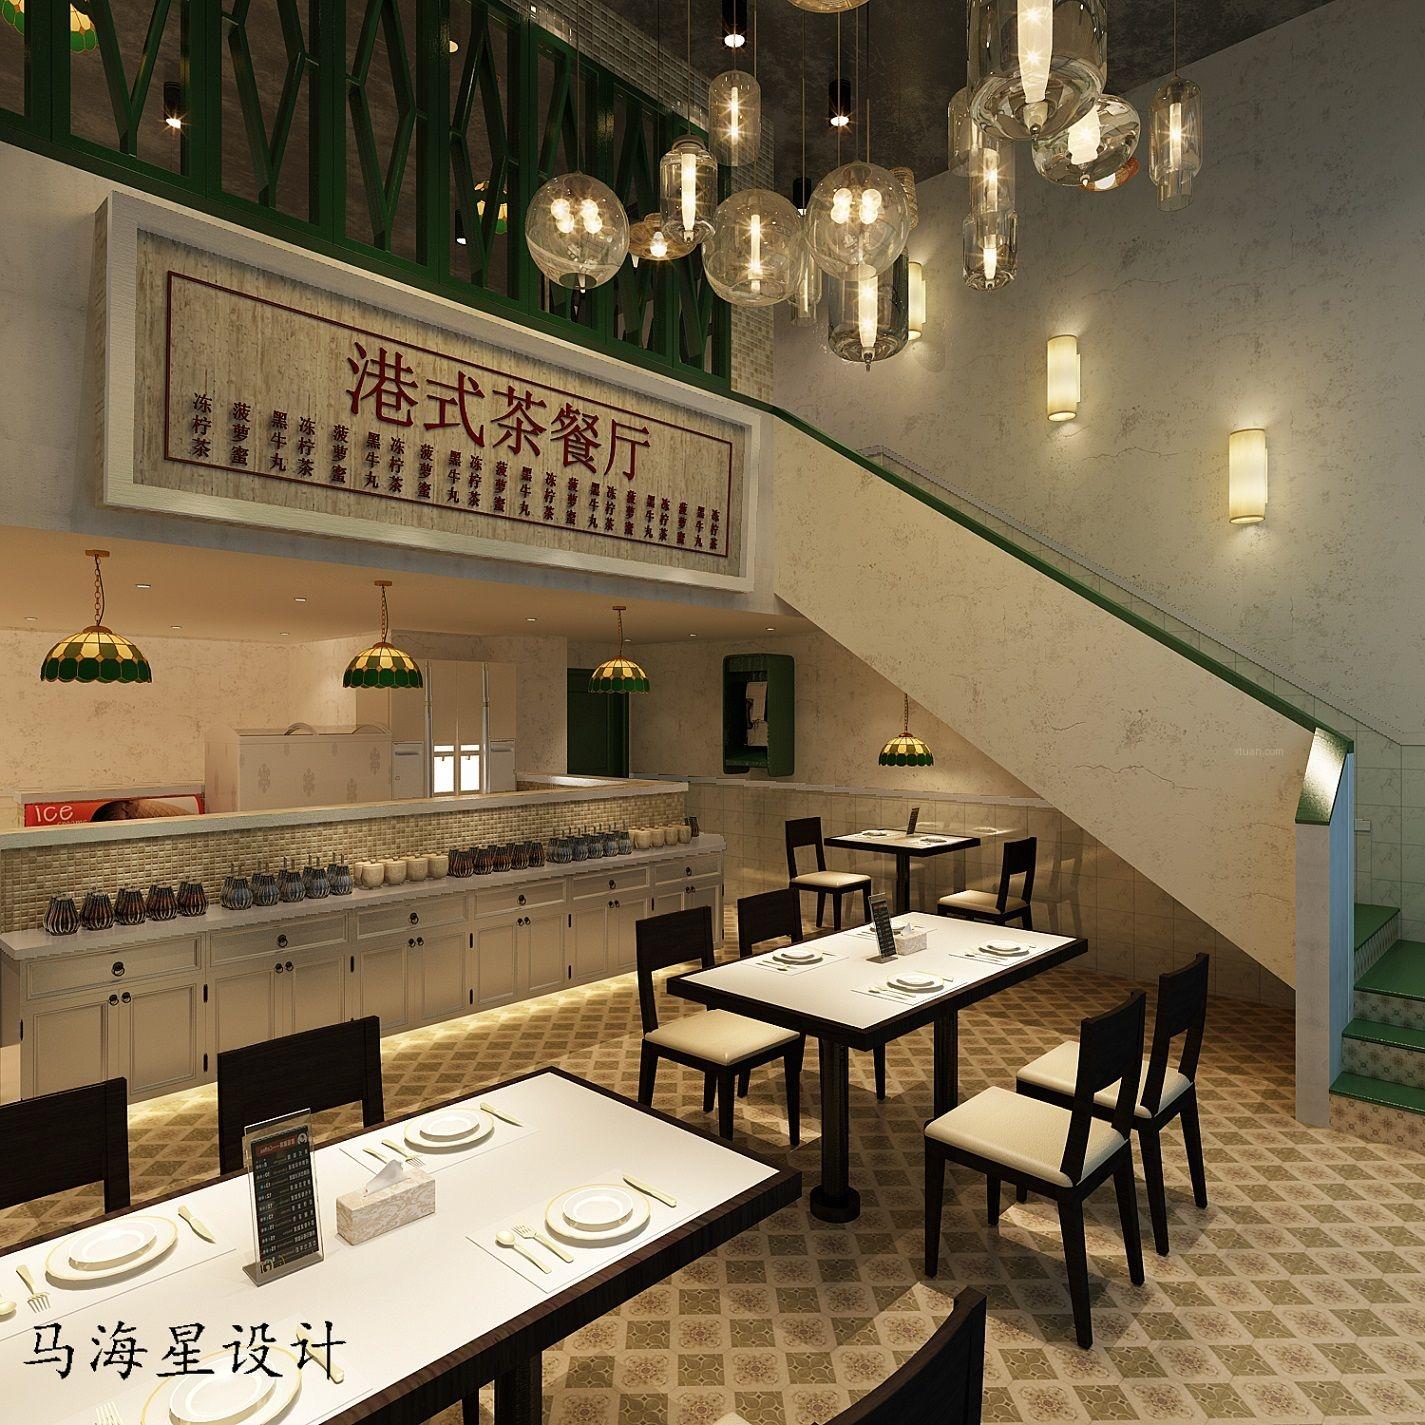 古典风格餐馆